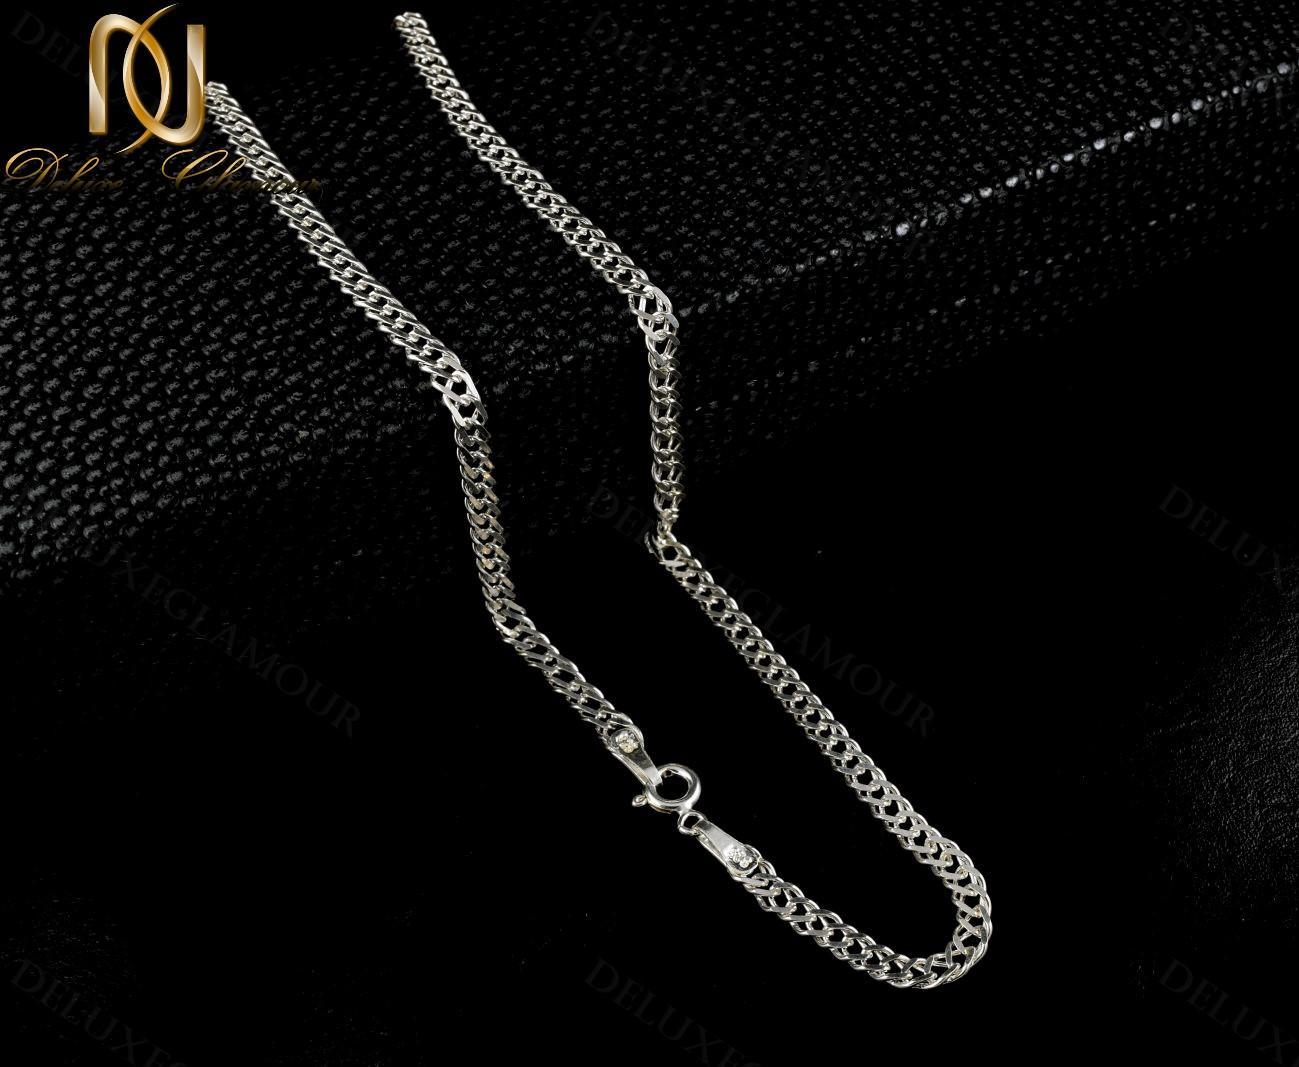 زنجیر مردانه نقره طرح یاس Nw-n240 - زمینه مشکی